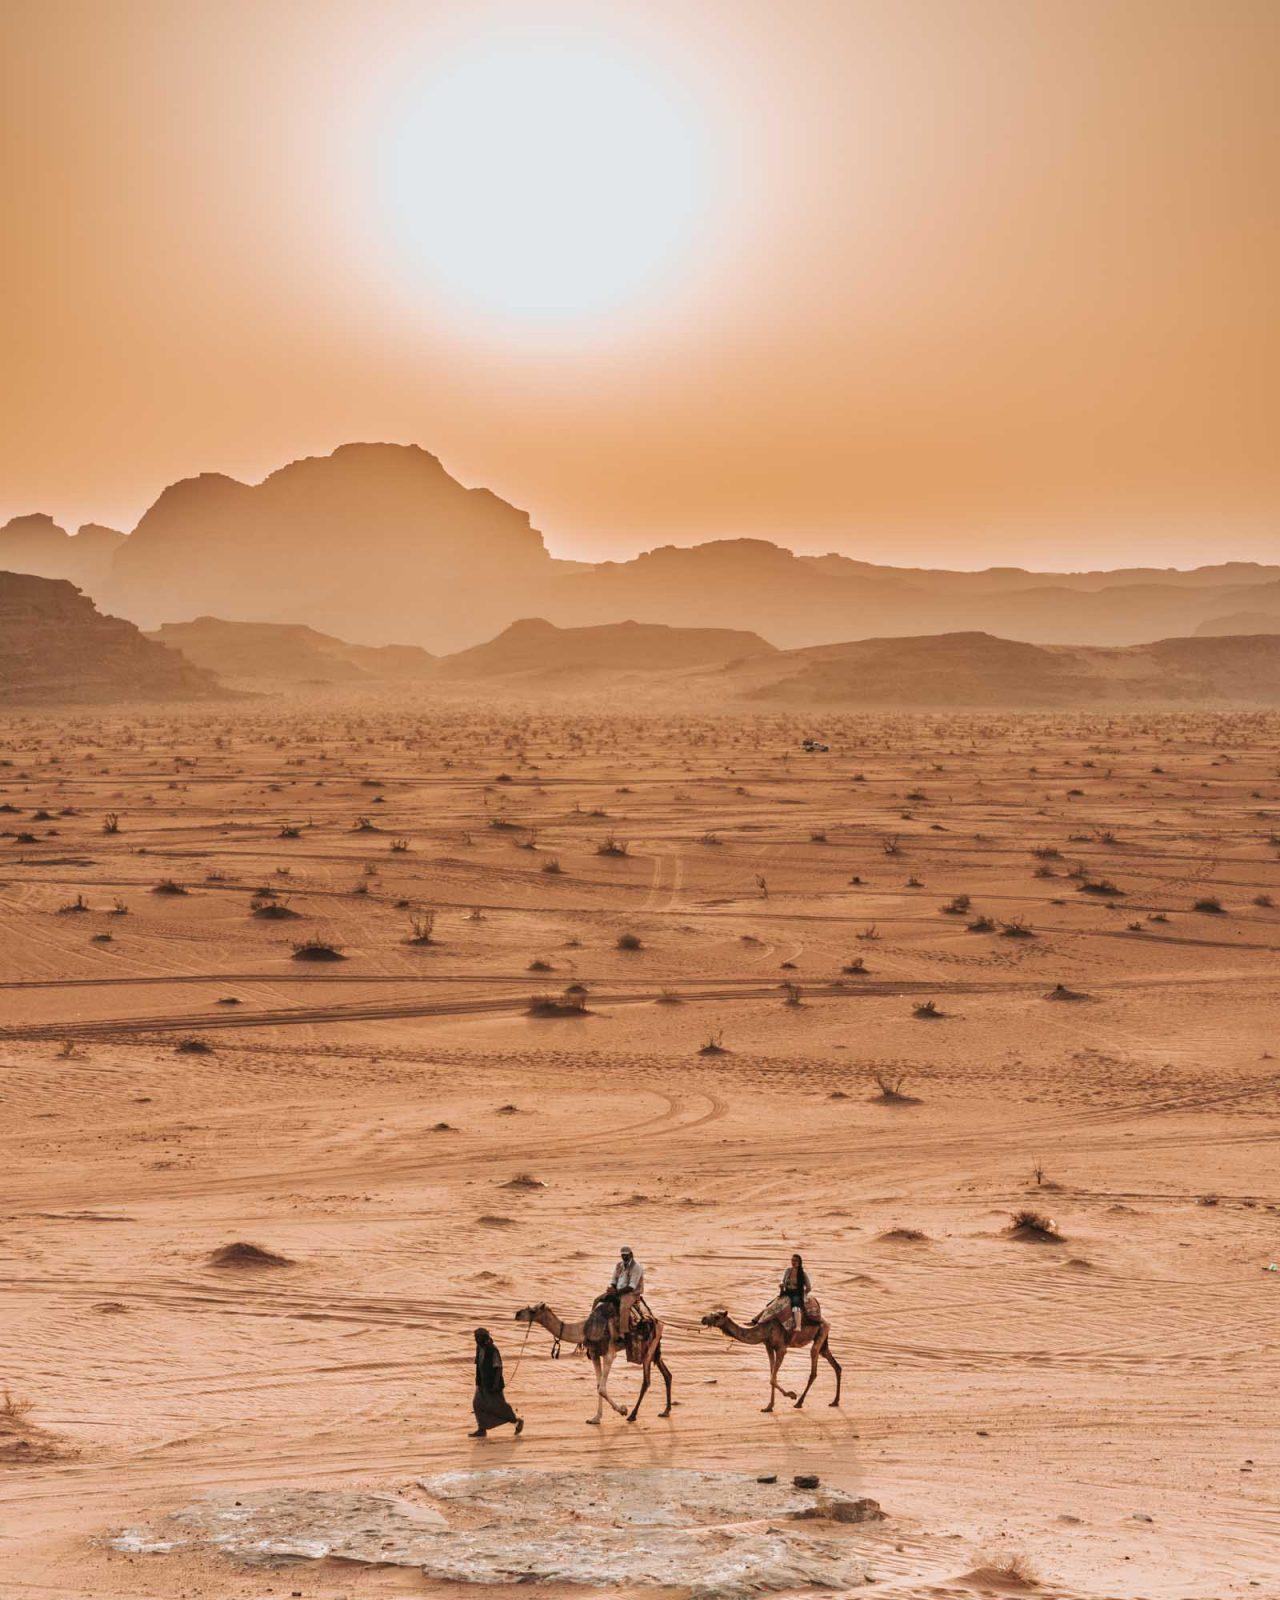 Jordan Tour: Wadi Rum